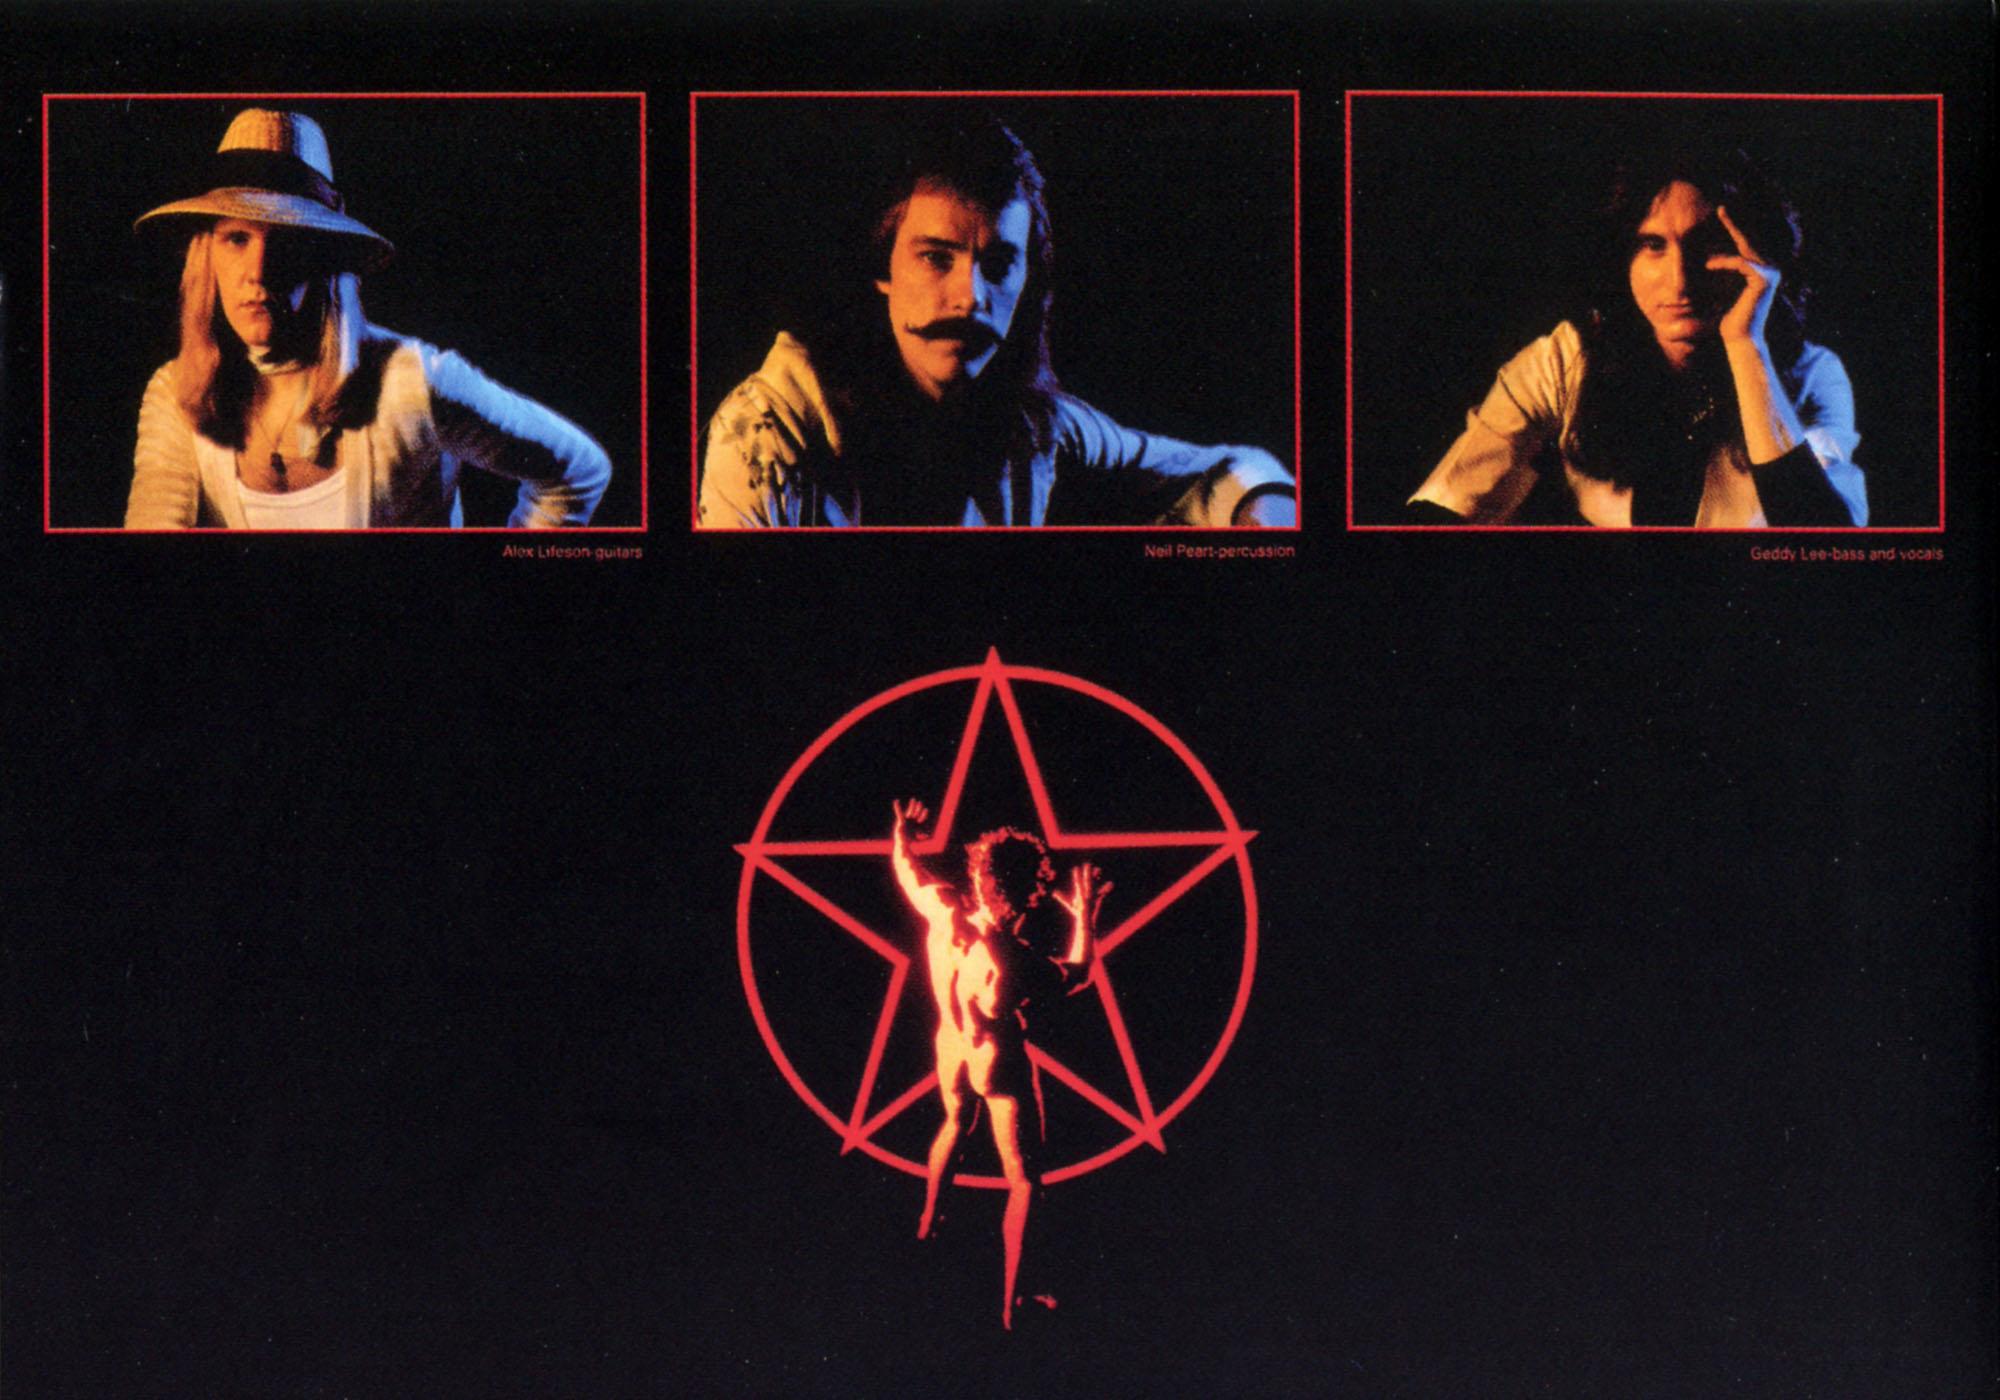 Rush - 2112 - Back Album Cover - Cut